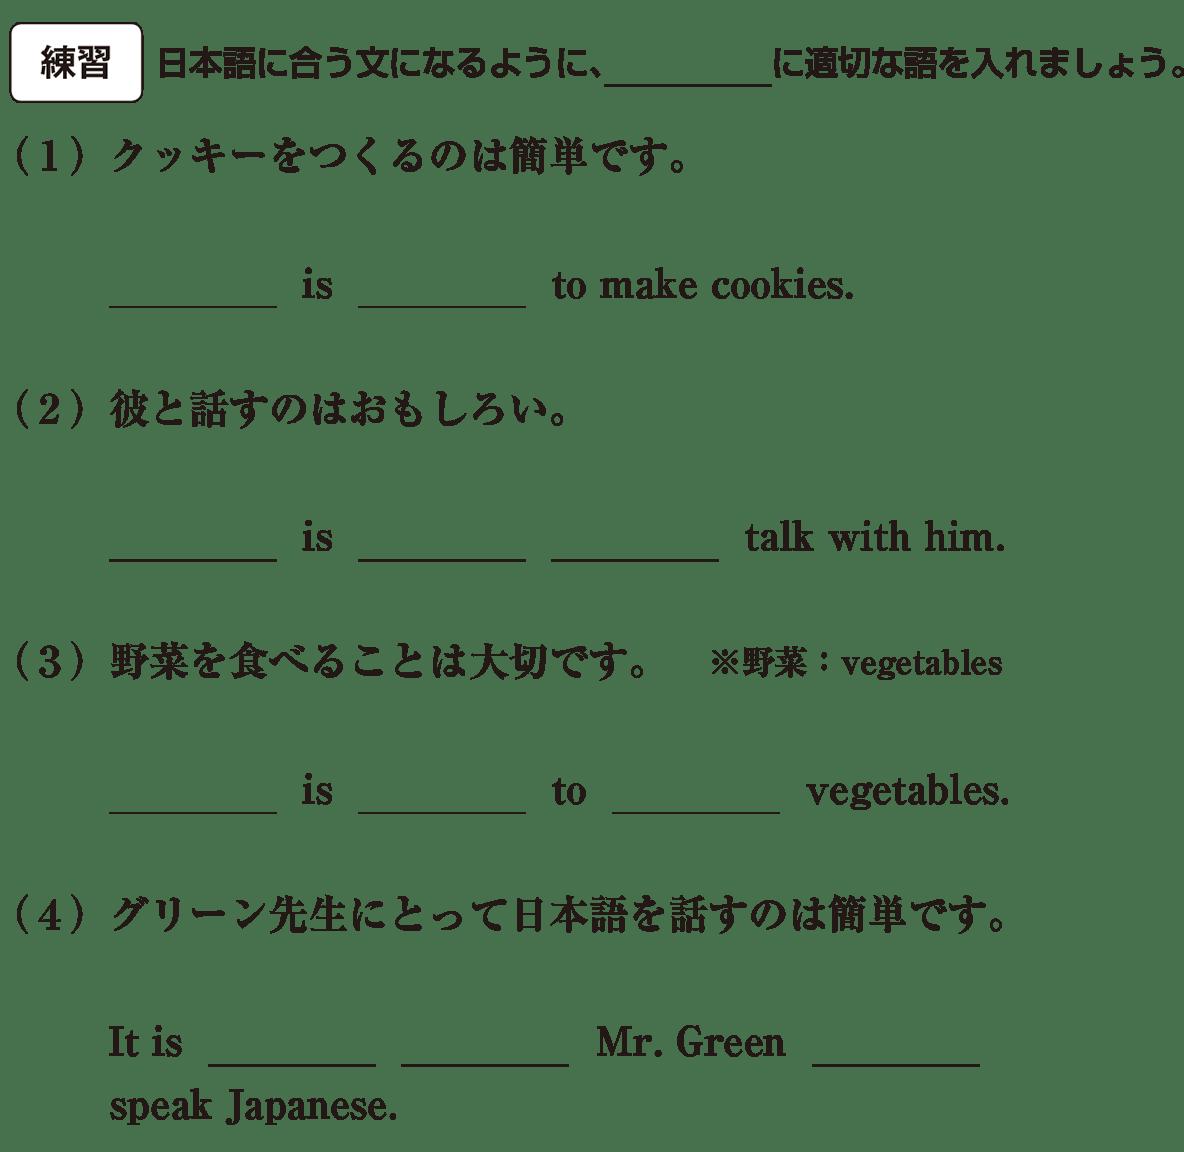 中3 英語89 練習